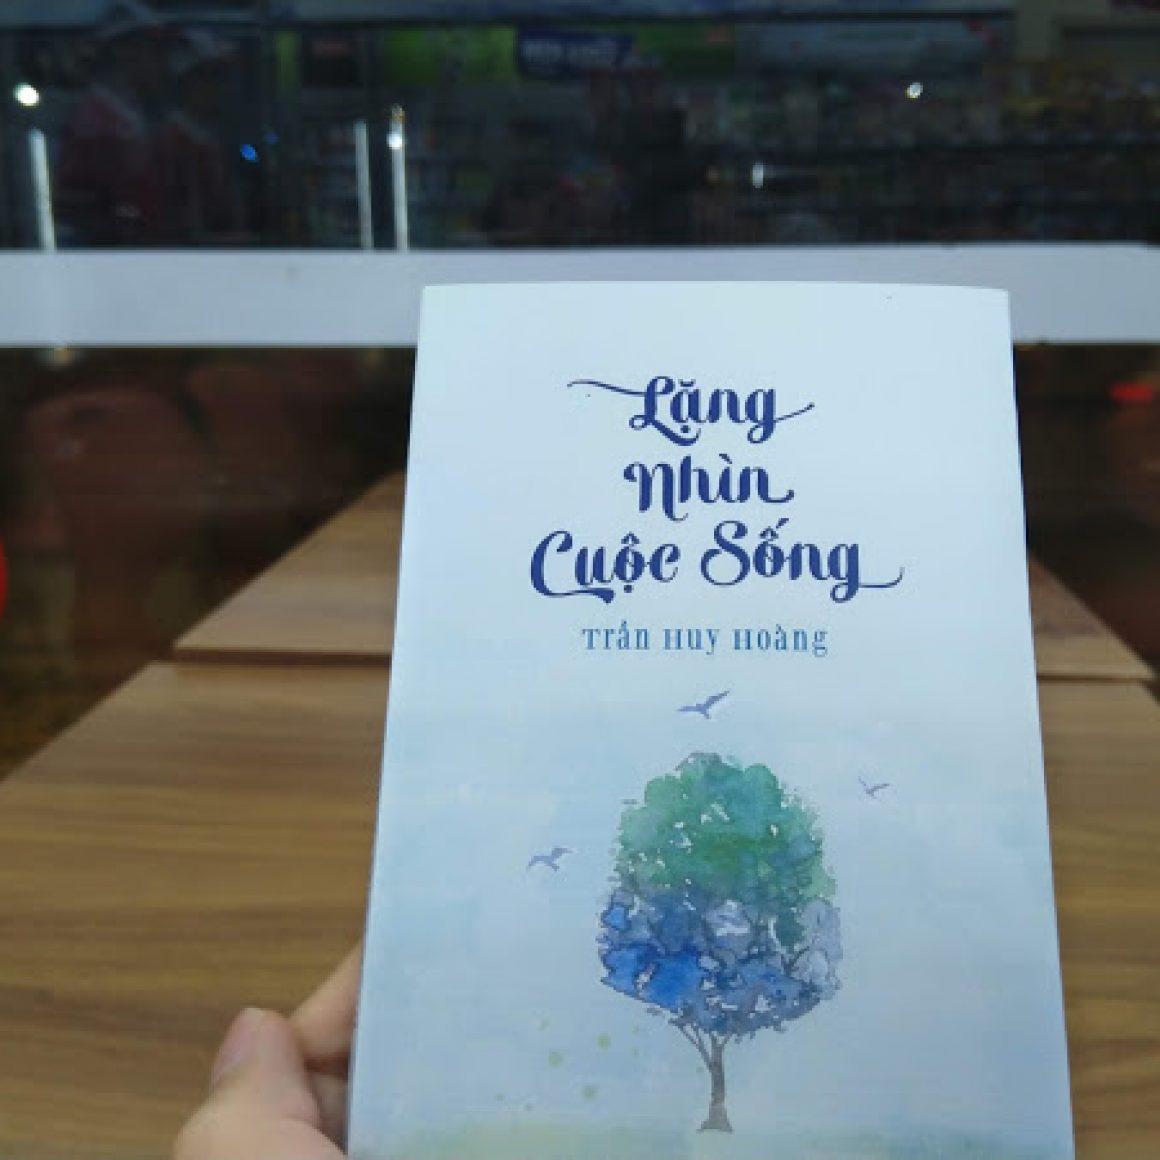 sach lang nhin cuoc song